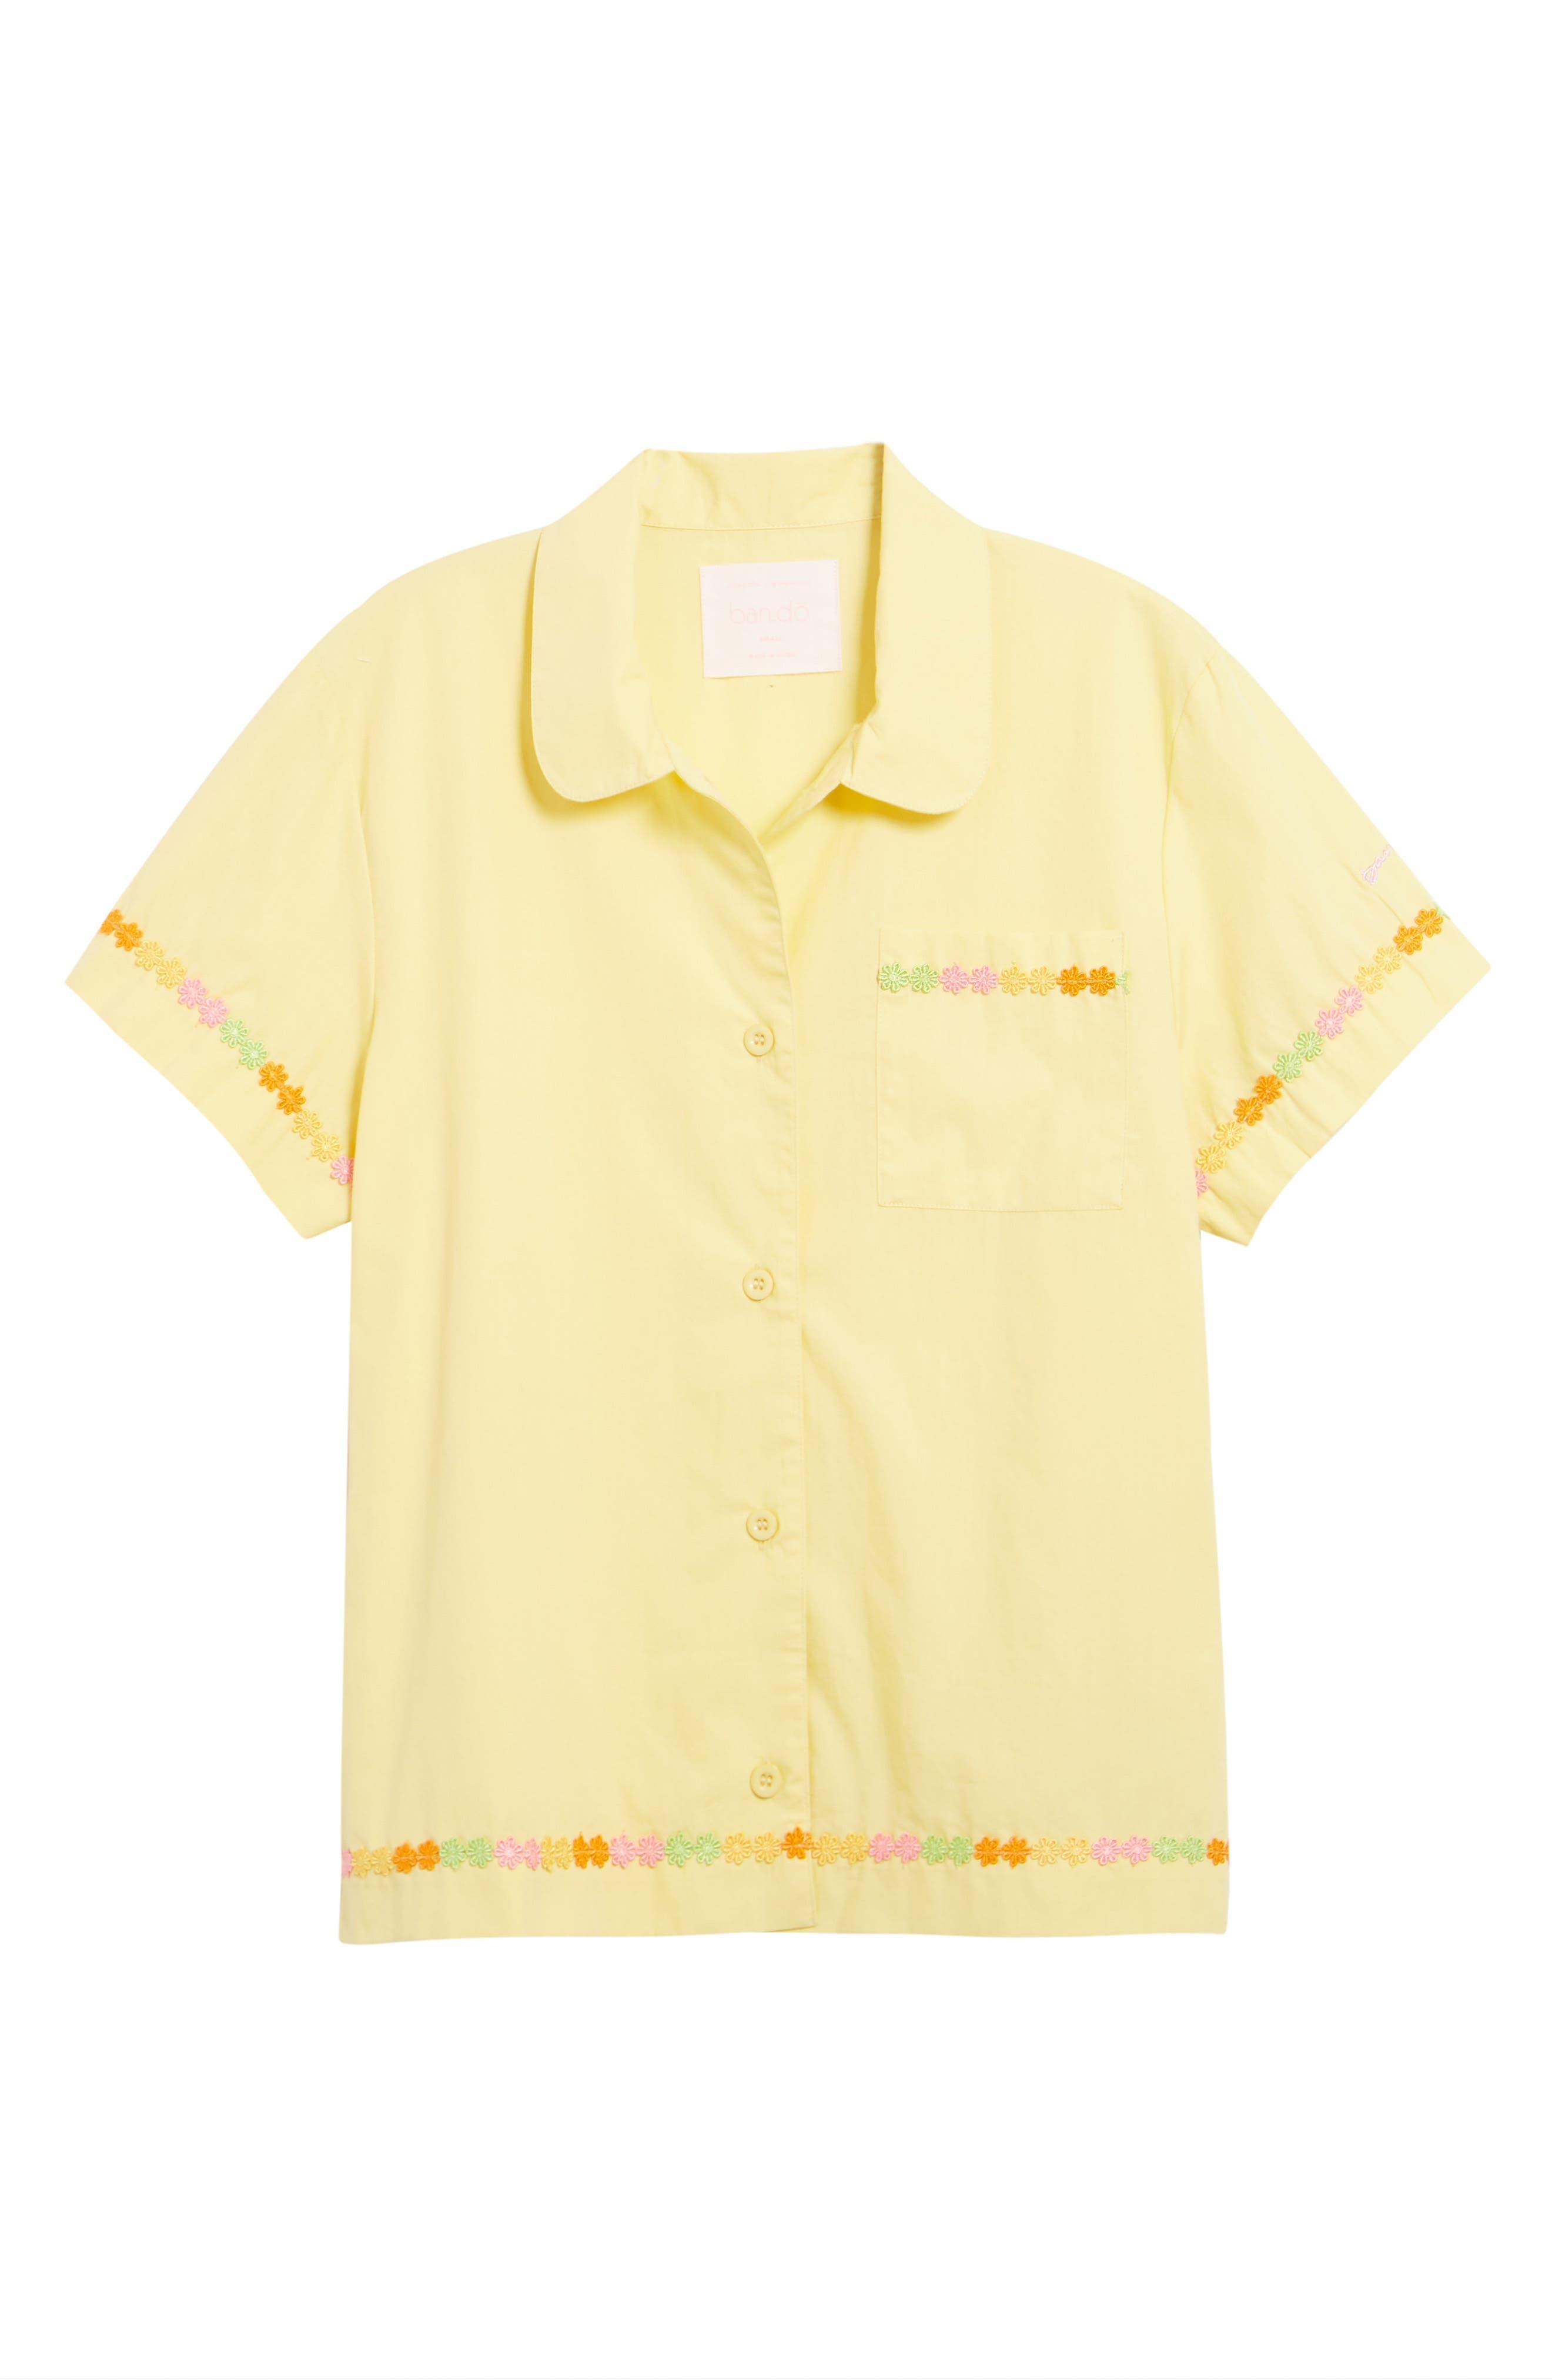 Women's Ban. do Daisy Chain Night Shirt